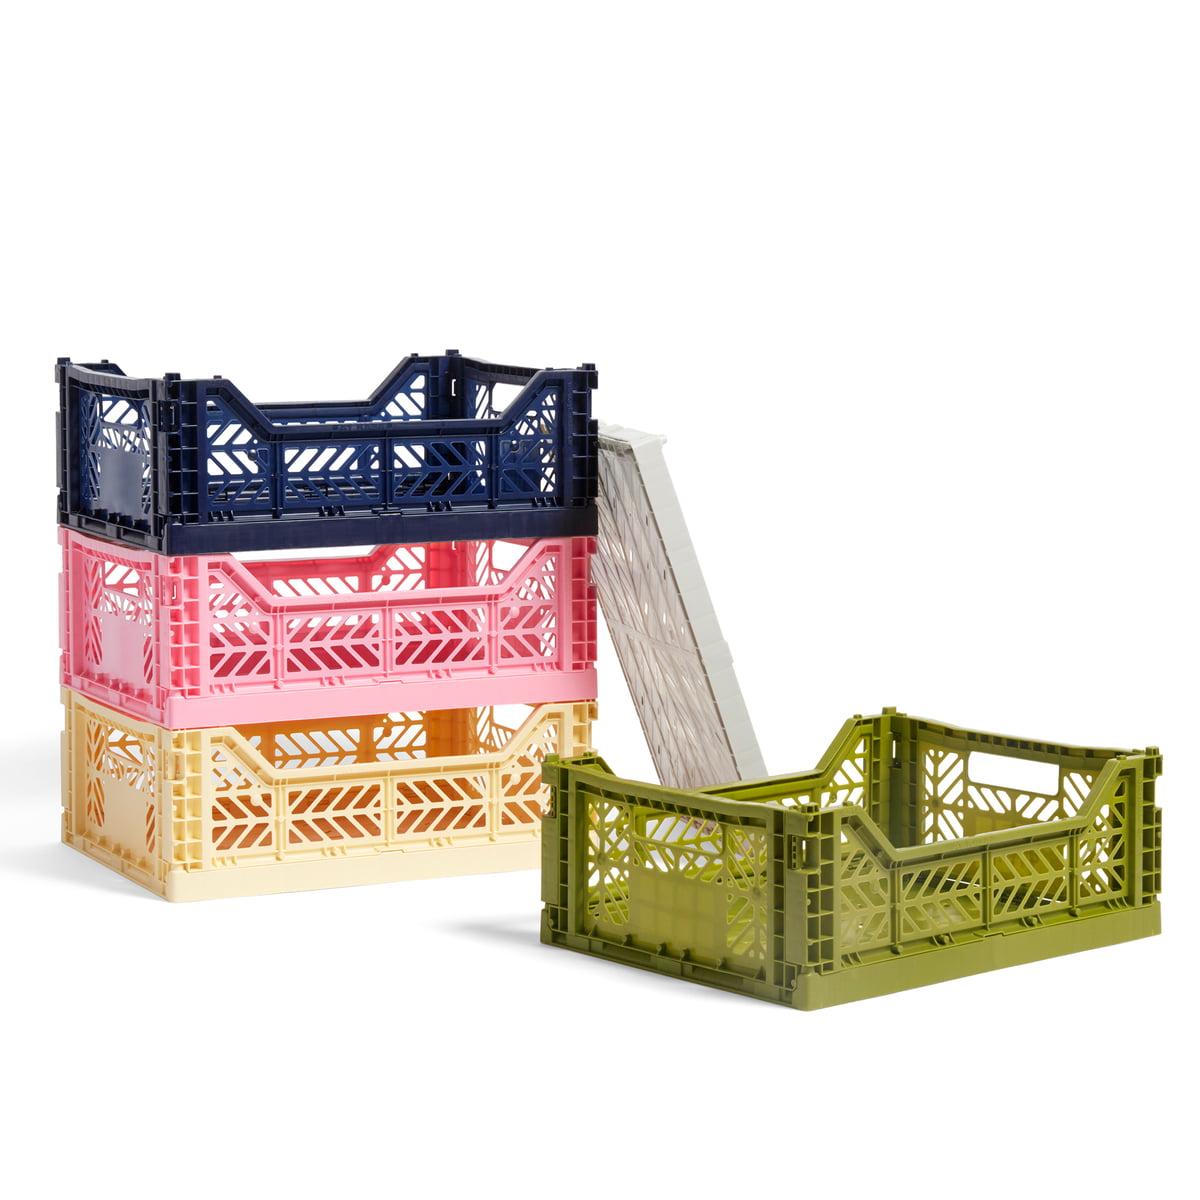 Full Size of Kisten Küche Colour Klapp Kiste Von Hay Connox Einlegeböden Deckenleuchte Grillplatte Vinylboden Schubladeneinsatz Bodenfliesen Günstig Mit Elektrogeräten Wohnzimmer Kisten Küche